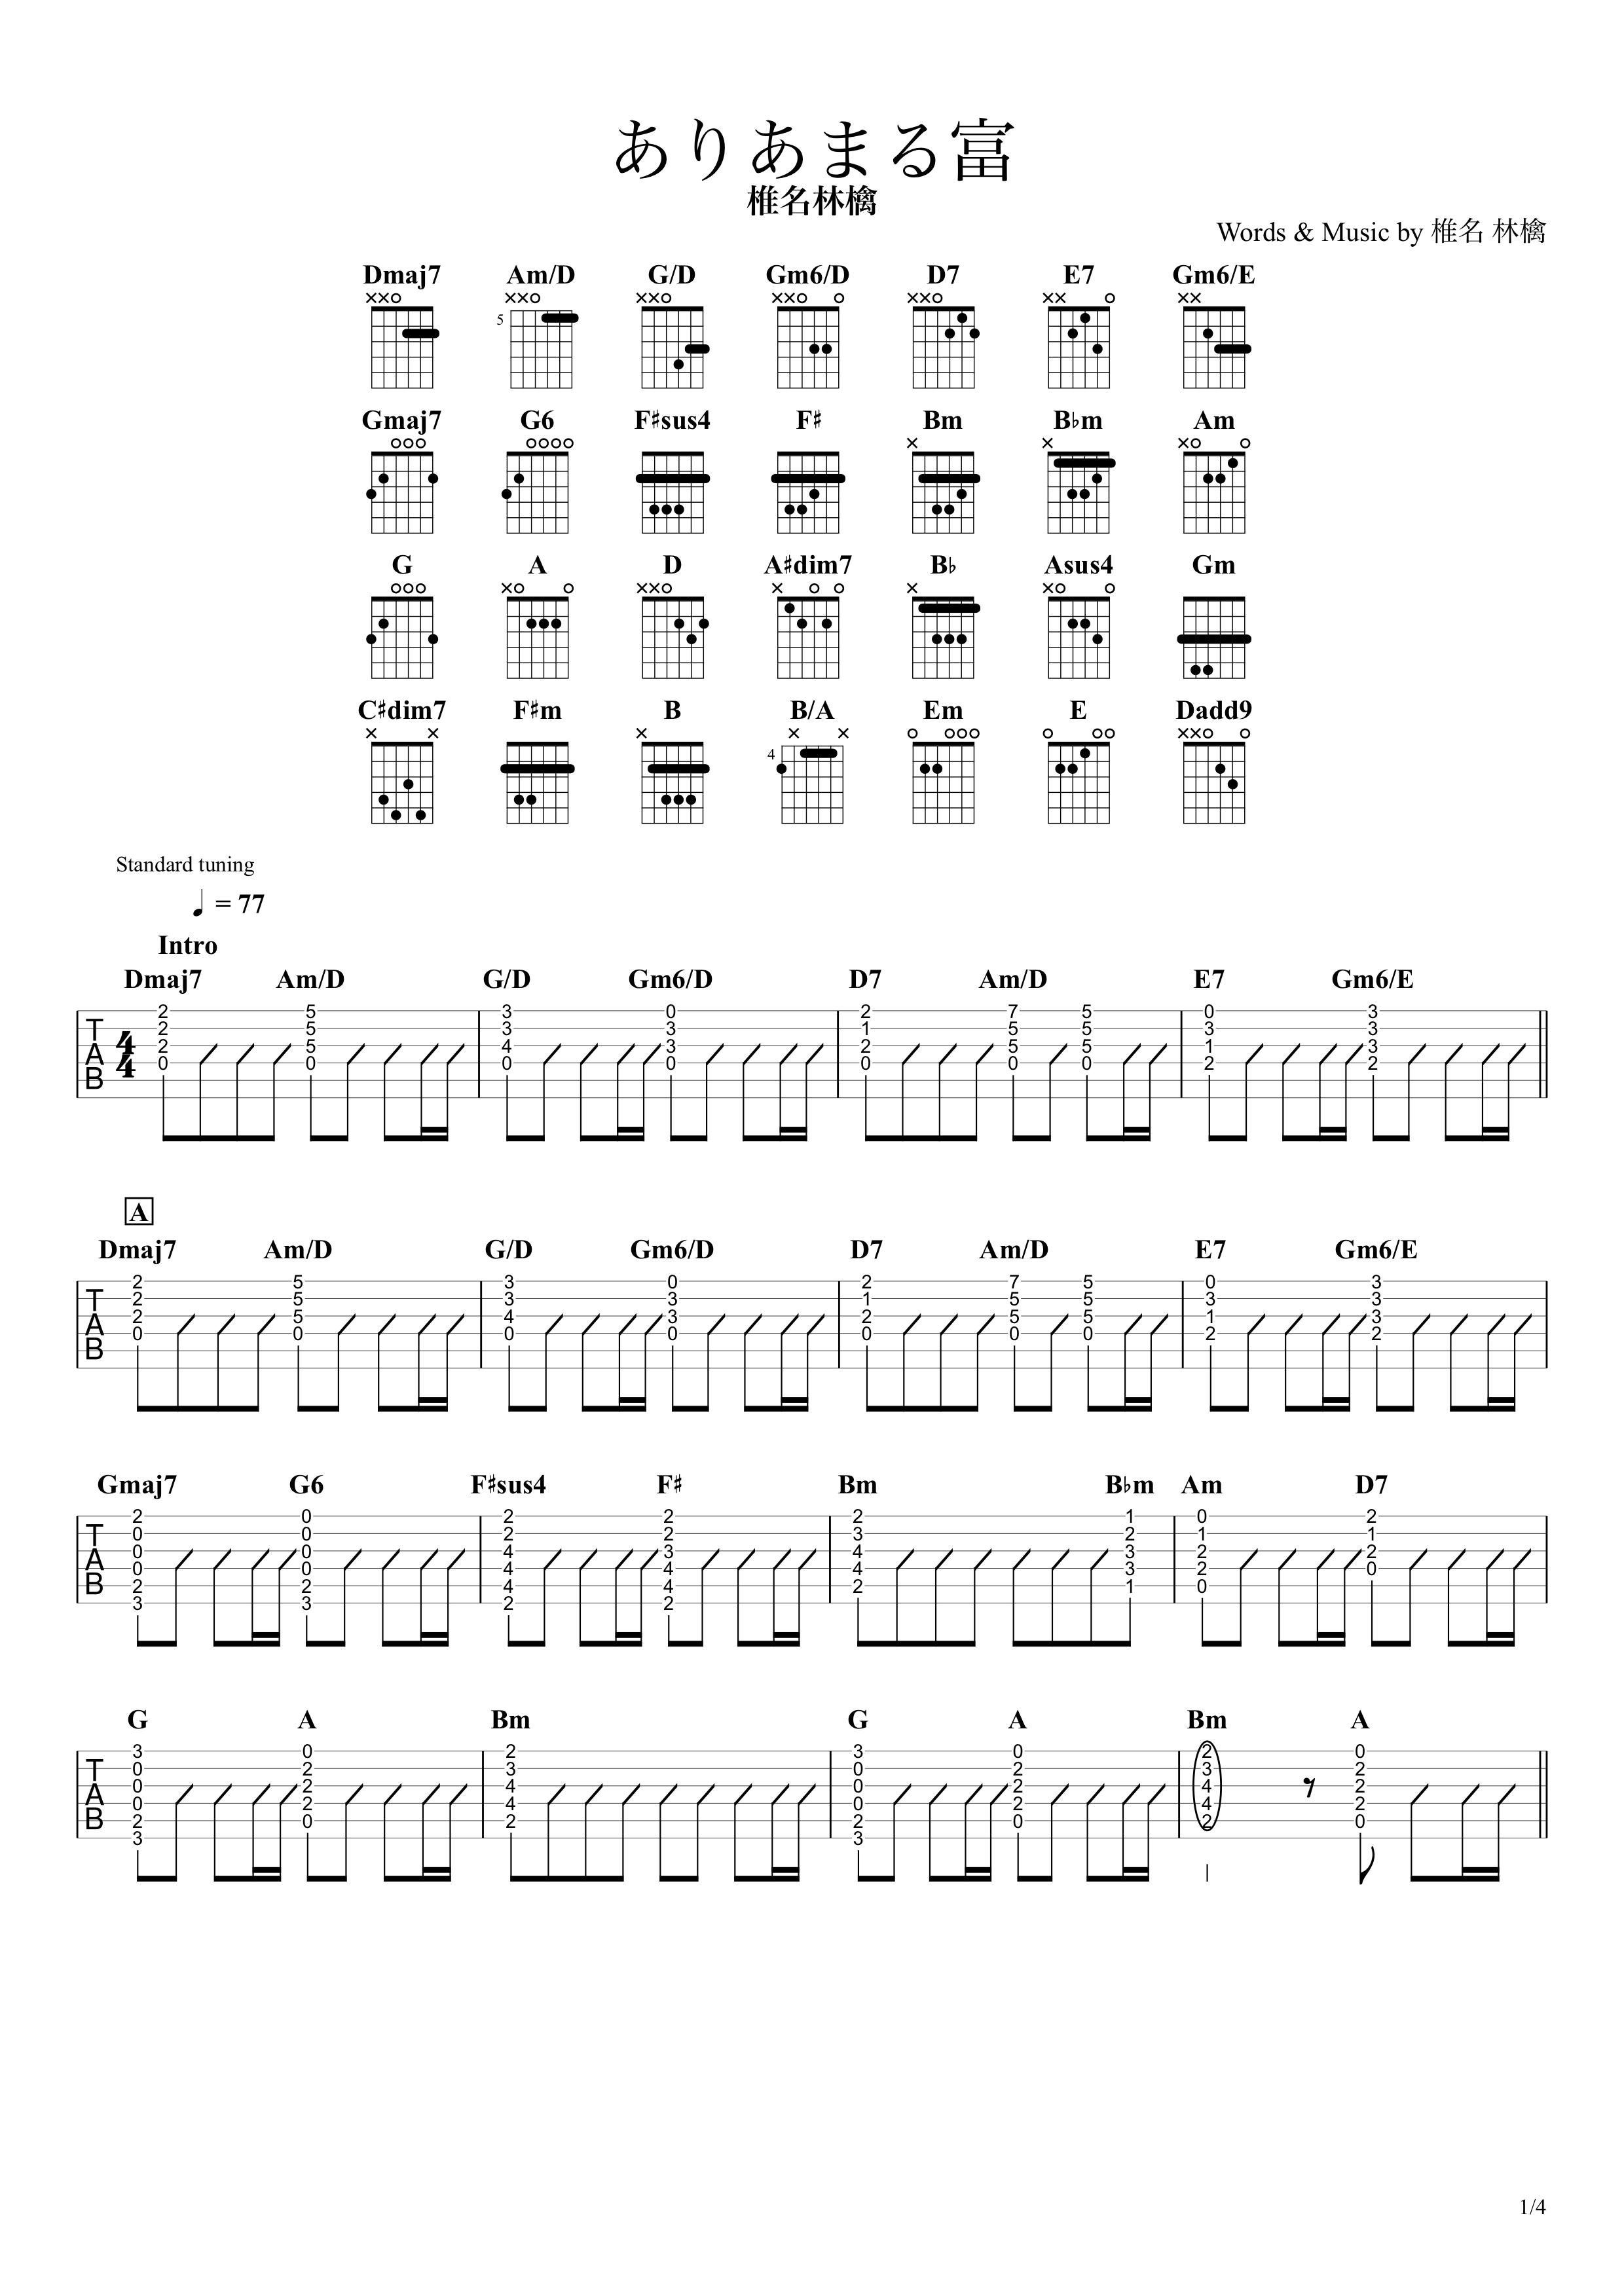 ありあまる富/椎名林檎 ギタータブ譜 アコギパートほぼ完コピVer.01